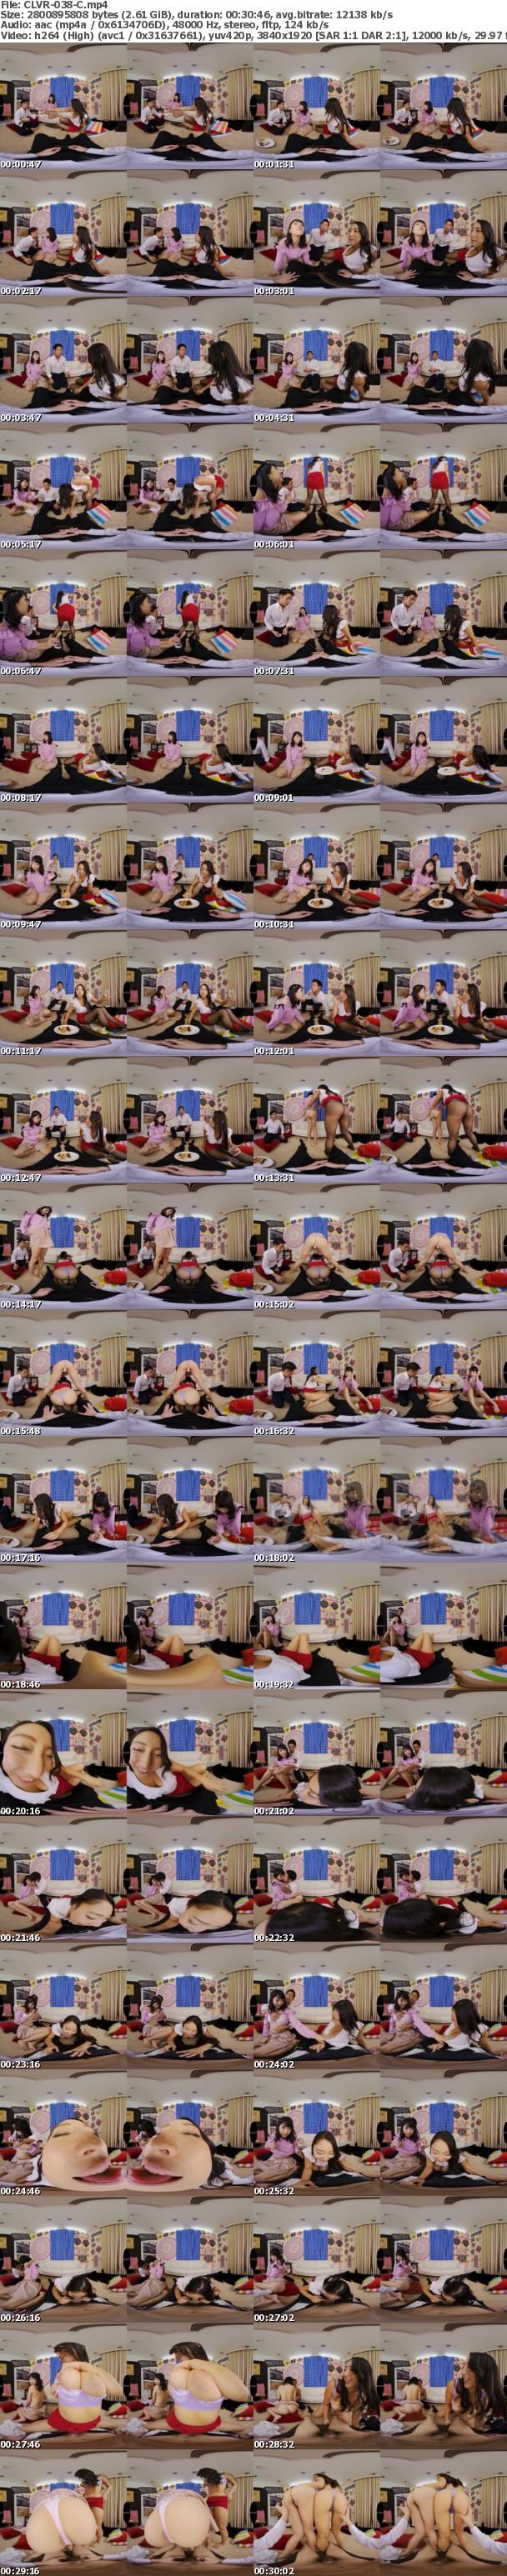 VR/3D CLVR-038 相席居酒屋でナンパした巨乳OL2人組をお持ち帰り。 マッサージと過激なエロゲームでスキンシップ取っていたら女子が欲情してボクの上に跨り自分勝手に腰を振って… 挙句の果てに夢の4Pセックスできた!3